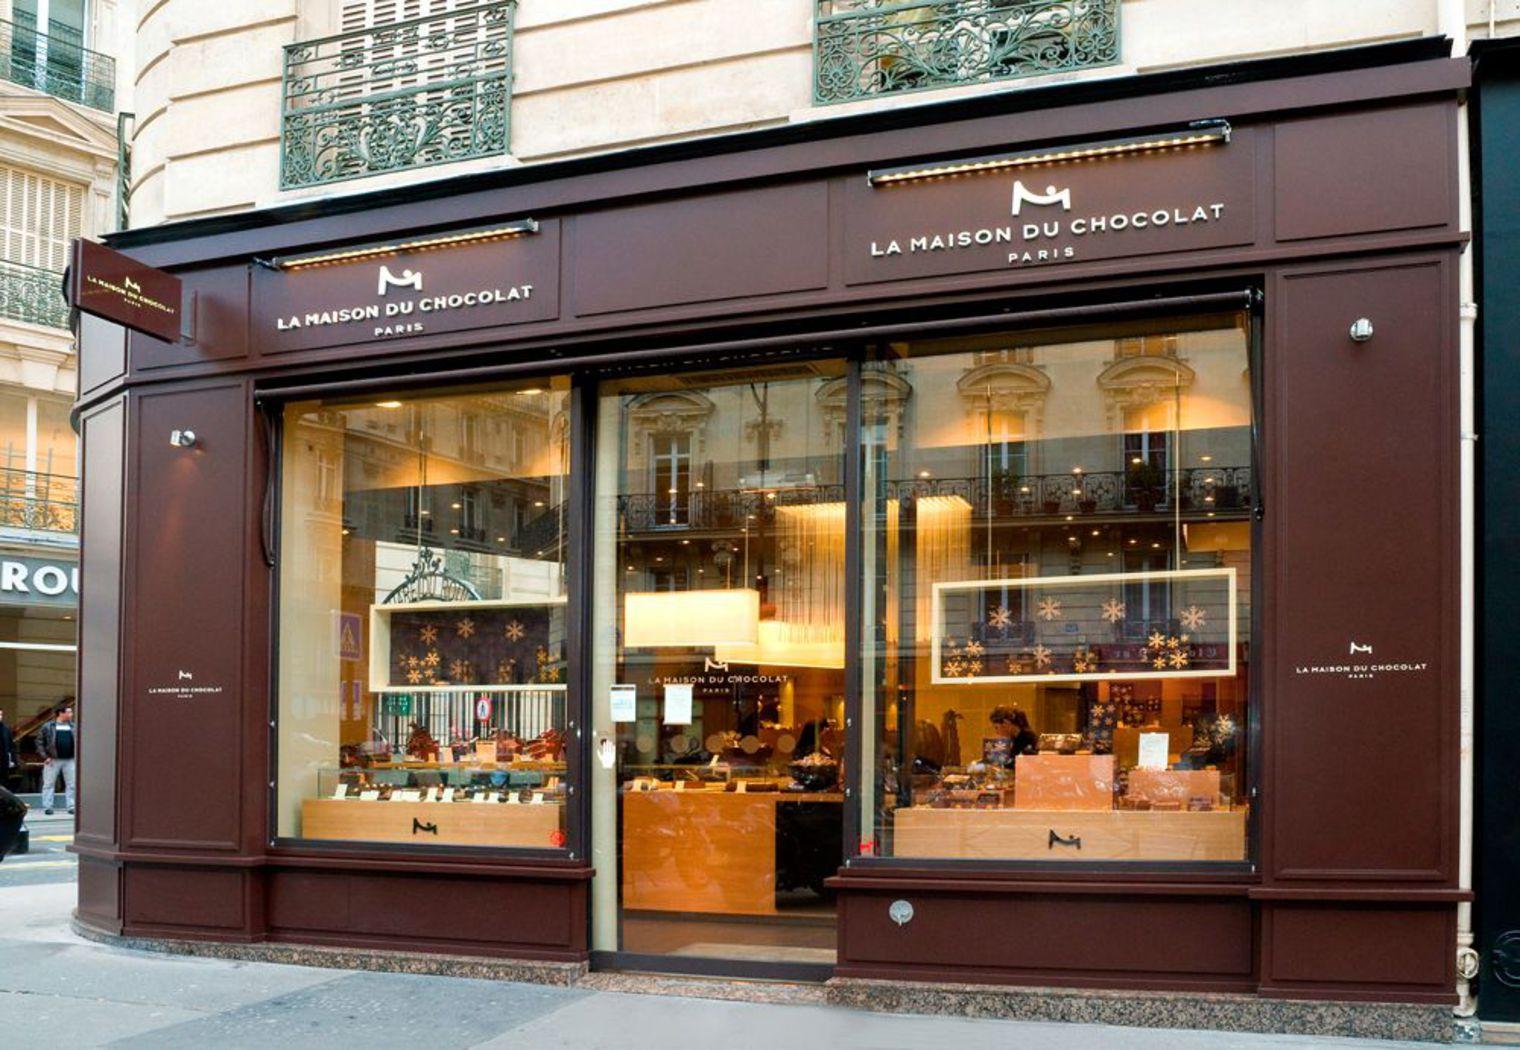 la-maison-du-chocolat-boutique-saint-honore-a-paris_5129110.jpg